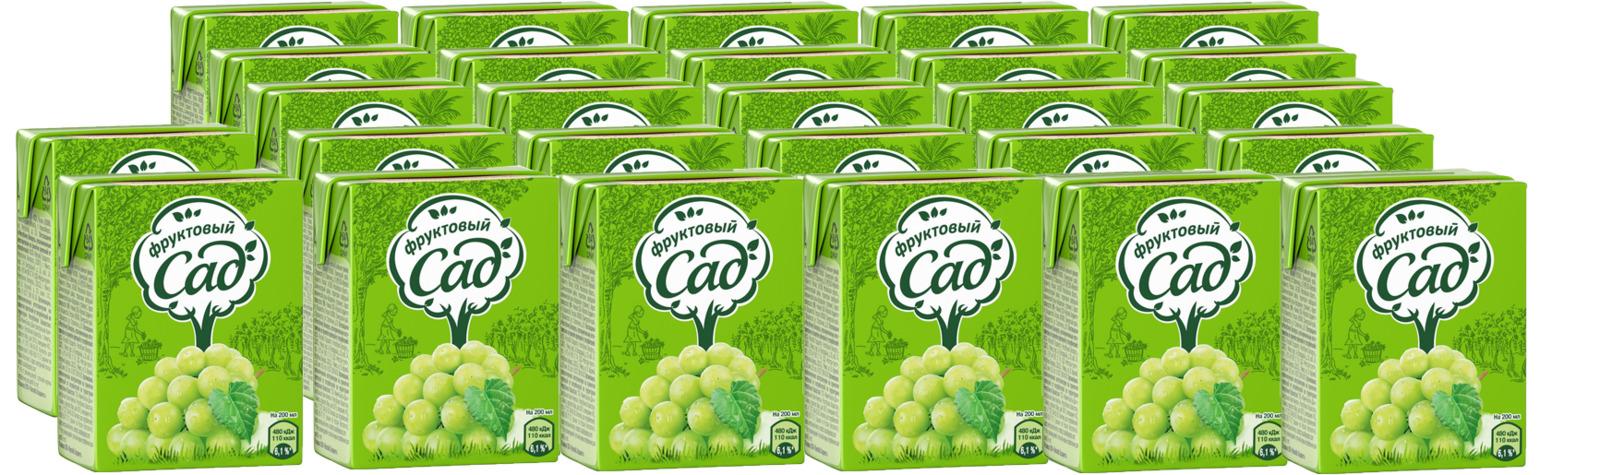 Нектар Фруктовый Сад Яблоко-Виноград, осветленный, 200 мл по 27 шт фруктовый сад яблоко нектар 0 2 л